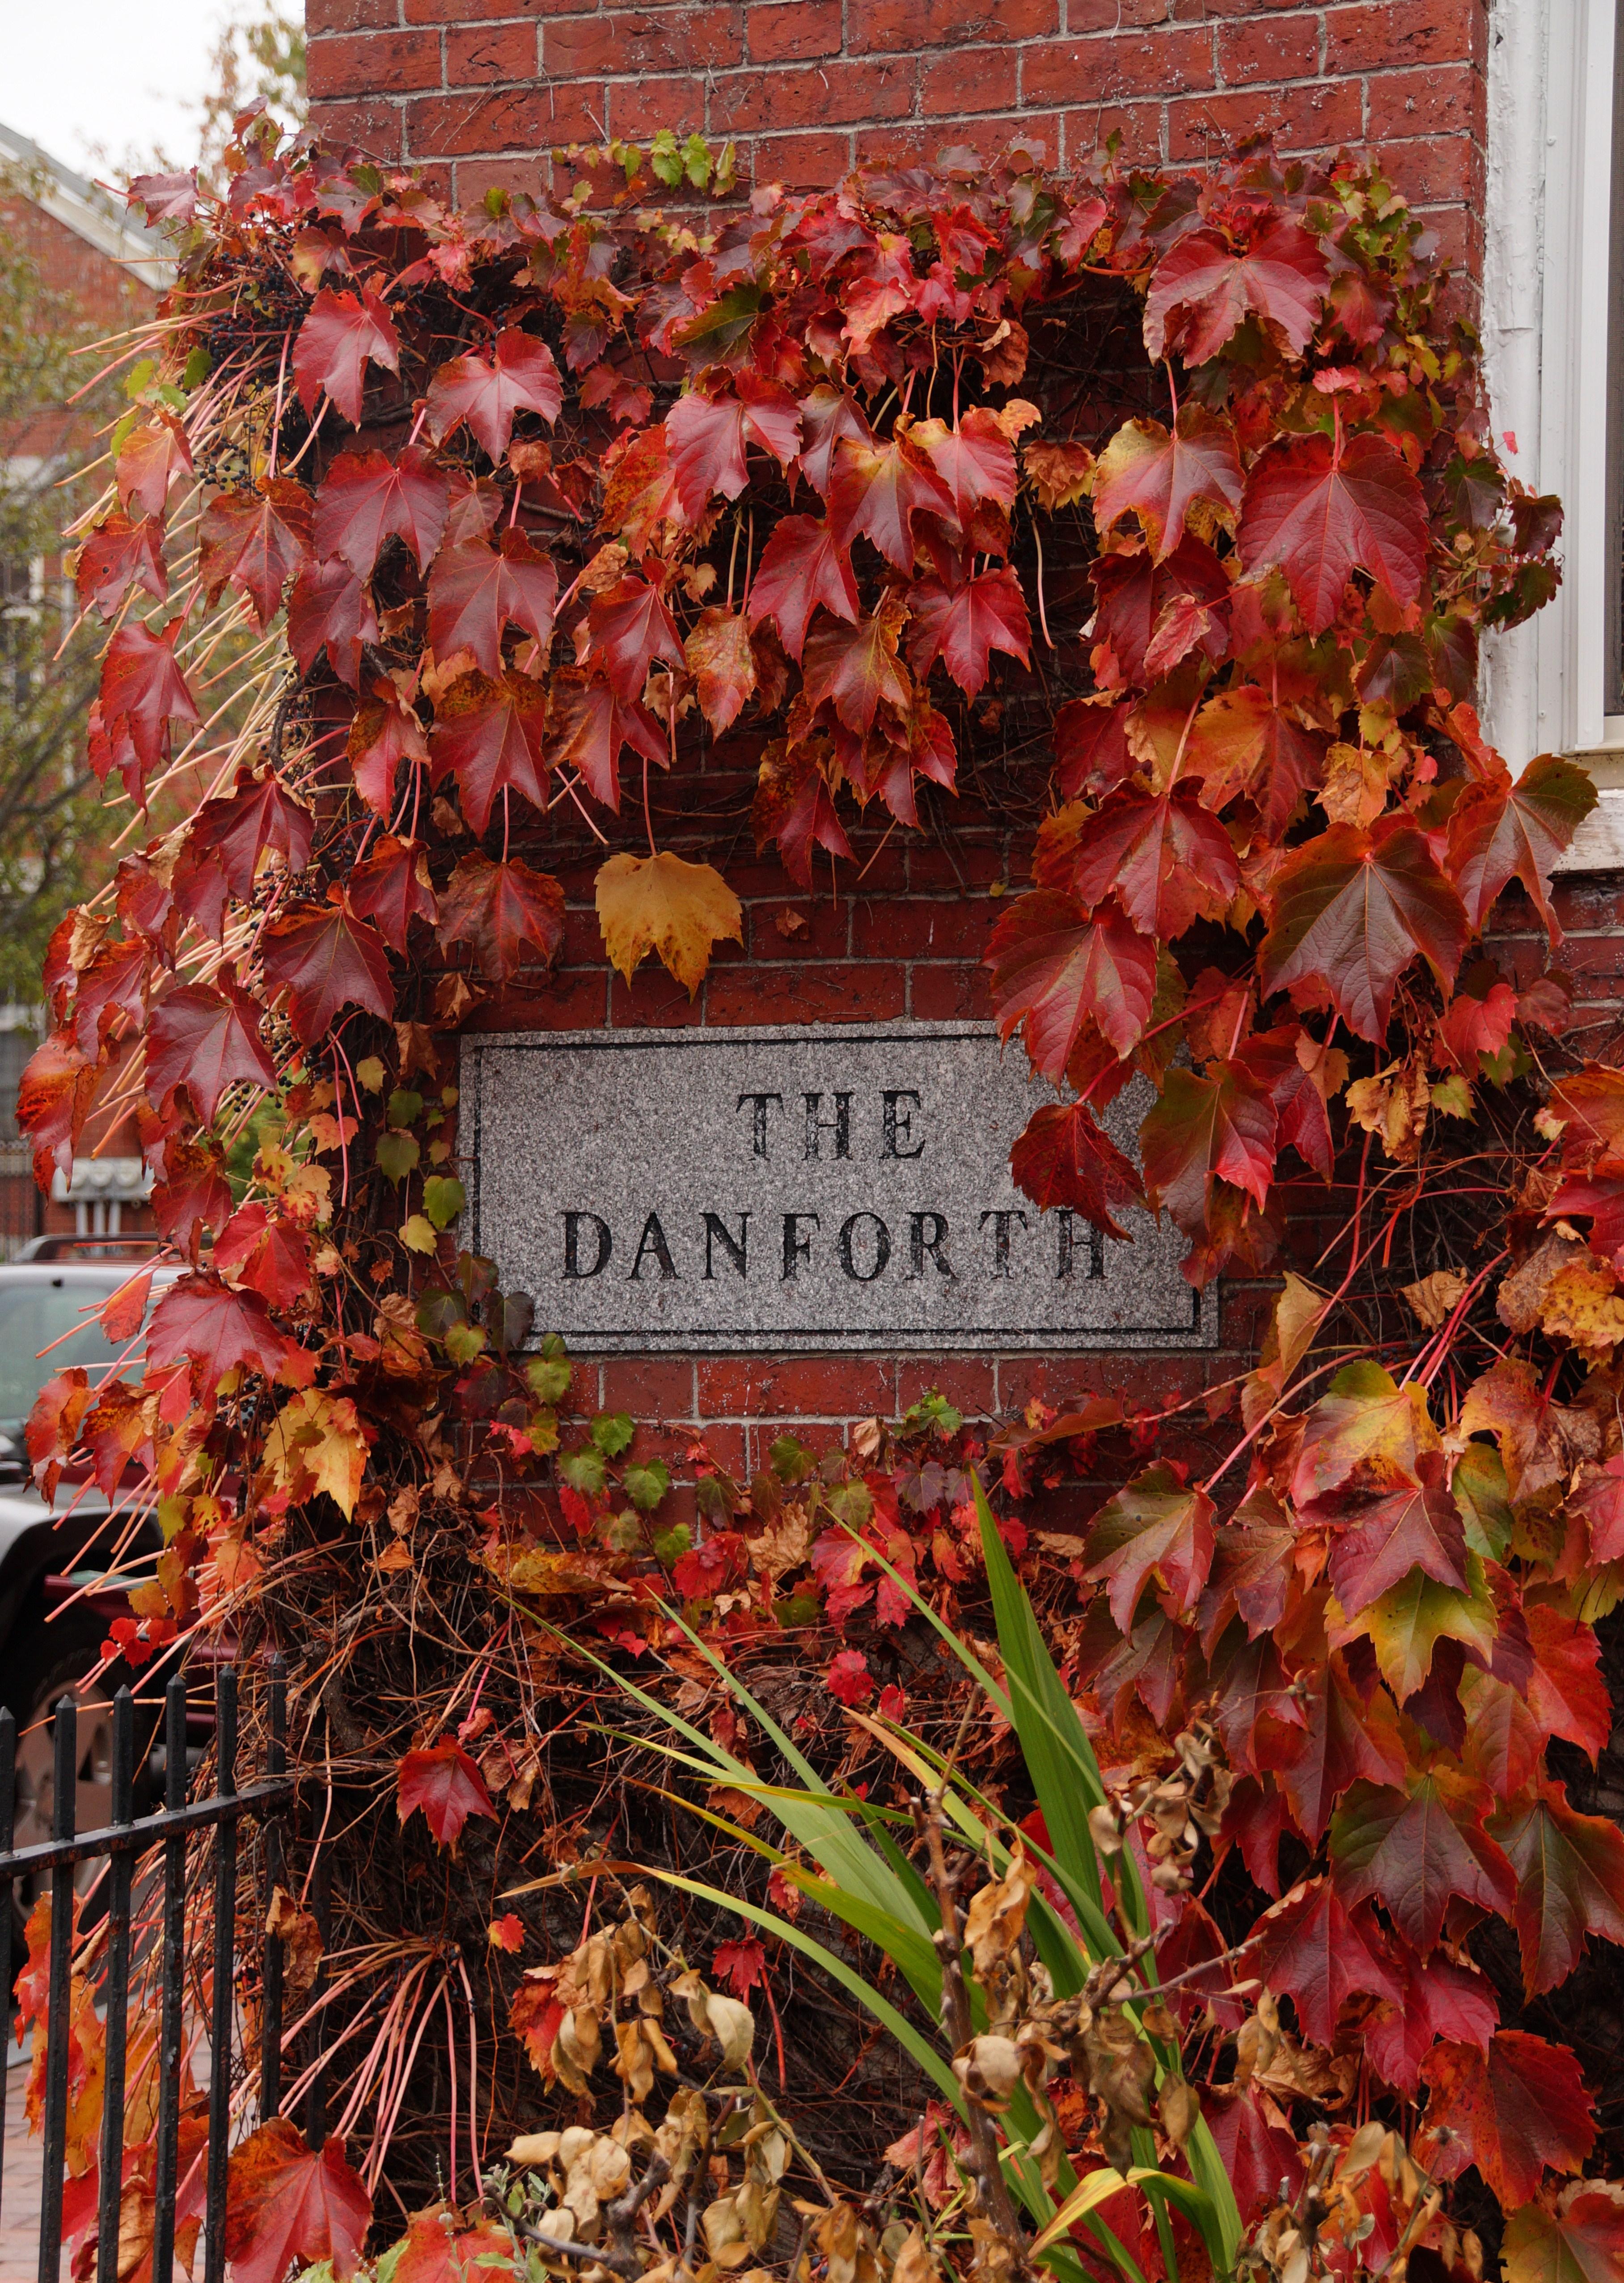 Danforth plaque